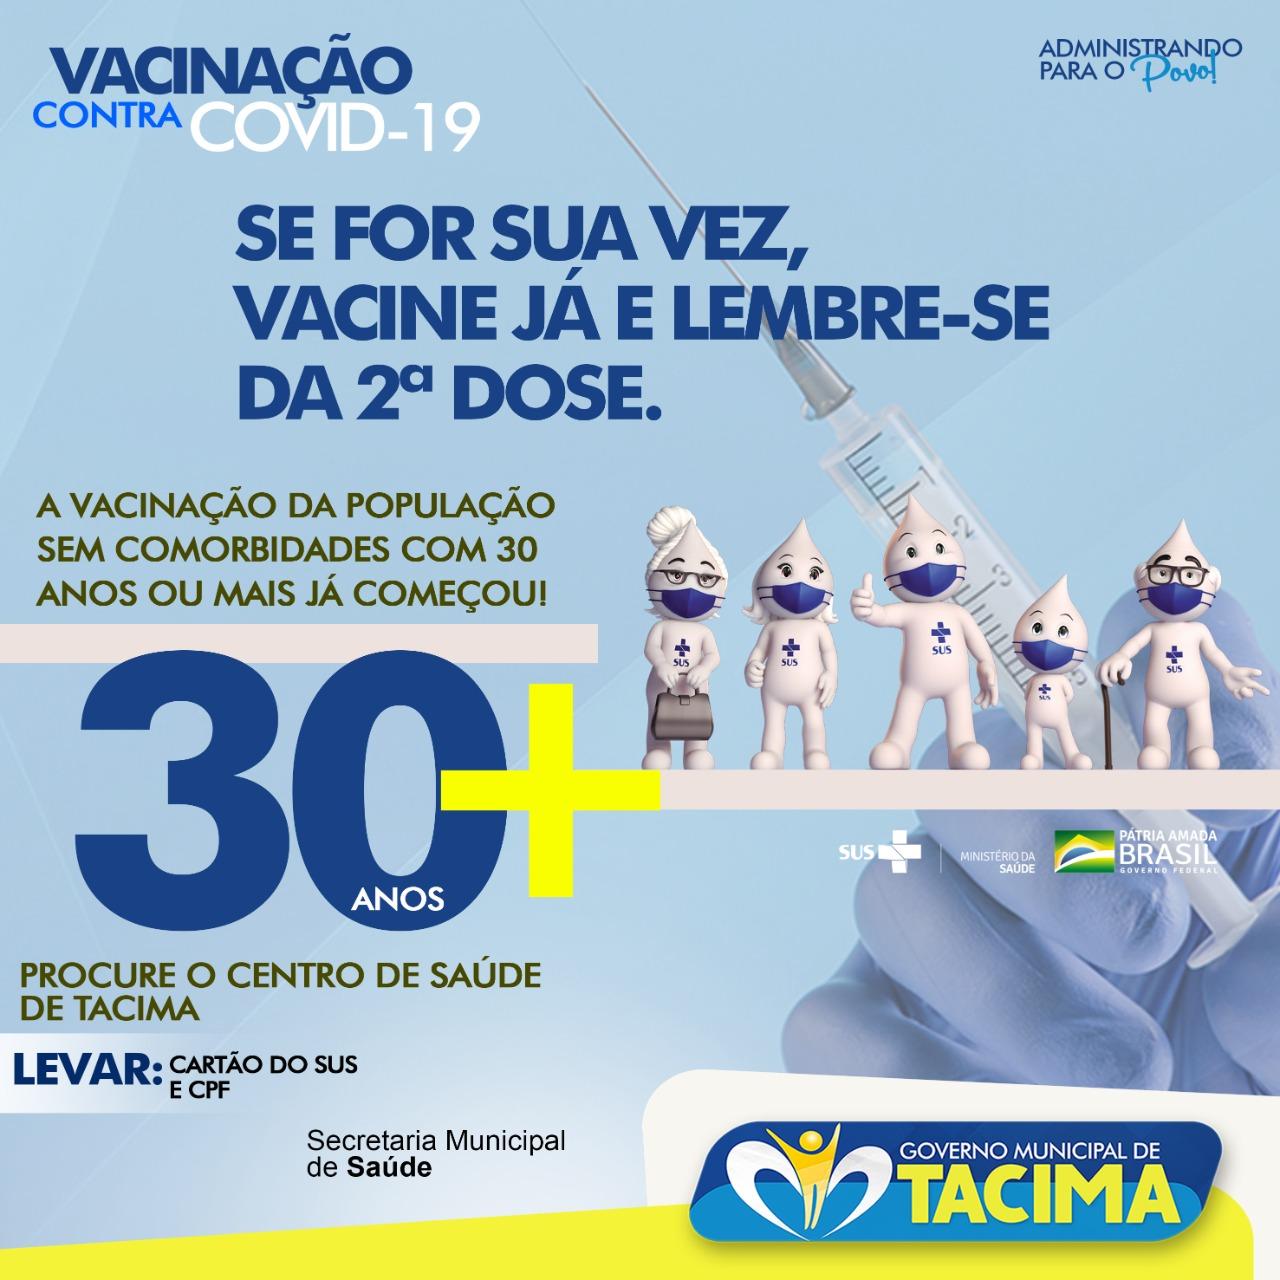 PREFEITURA SEGUE VACINANDO PESSOAS COM 30 ANOS OU MAIS.